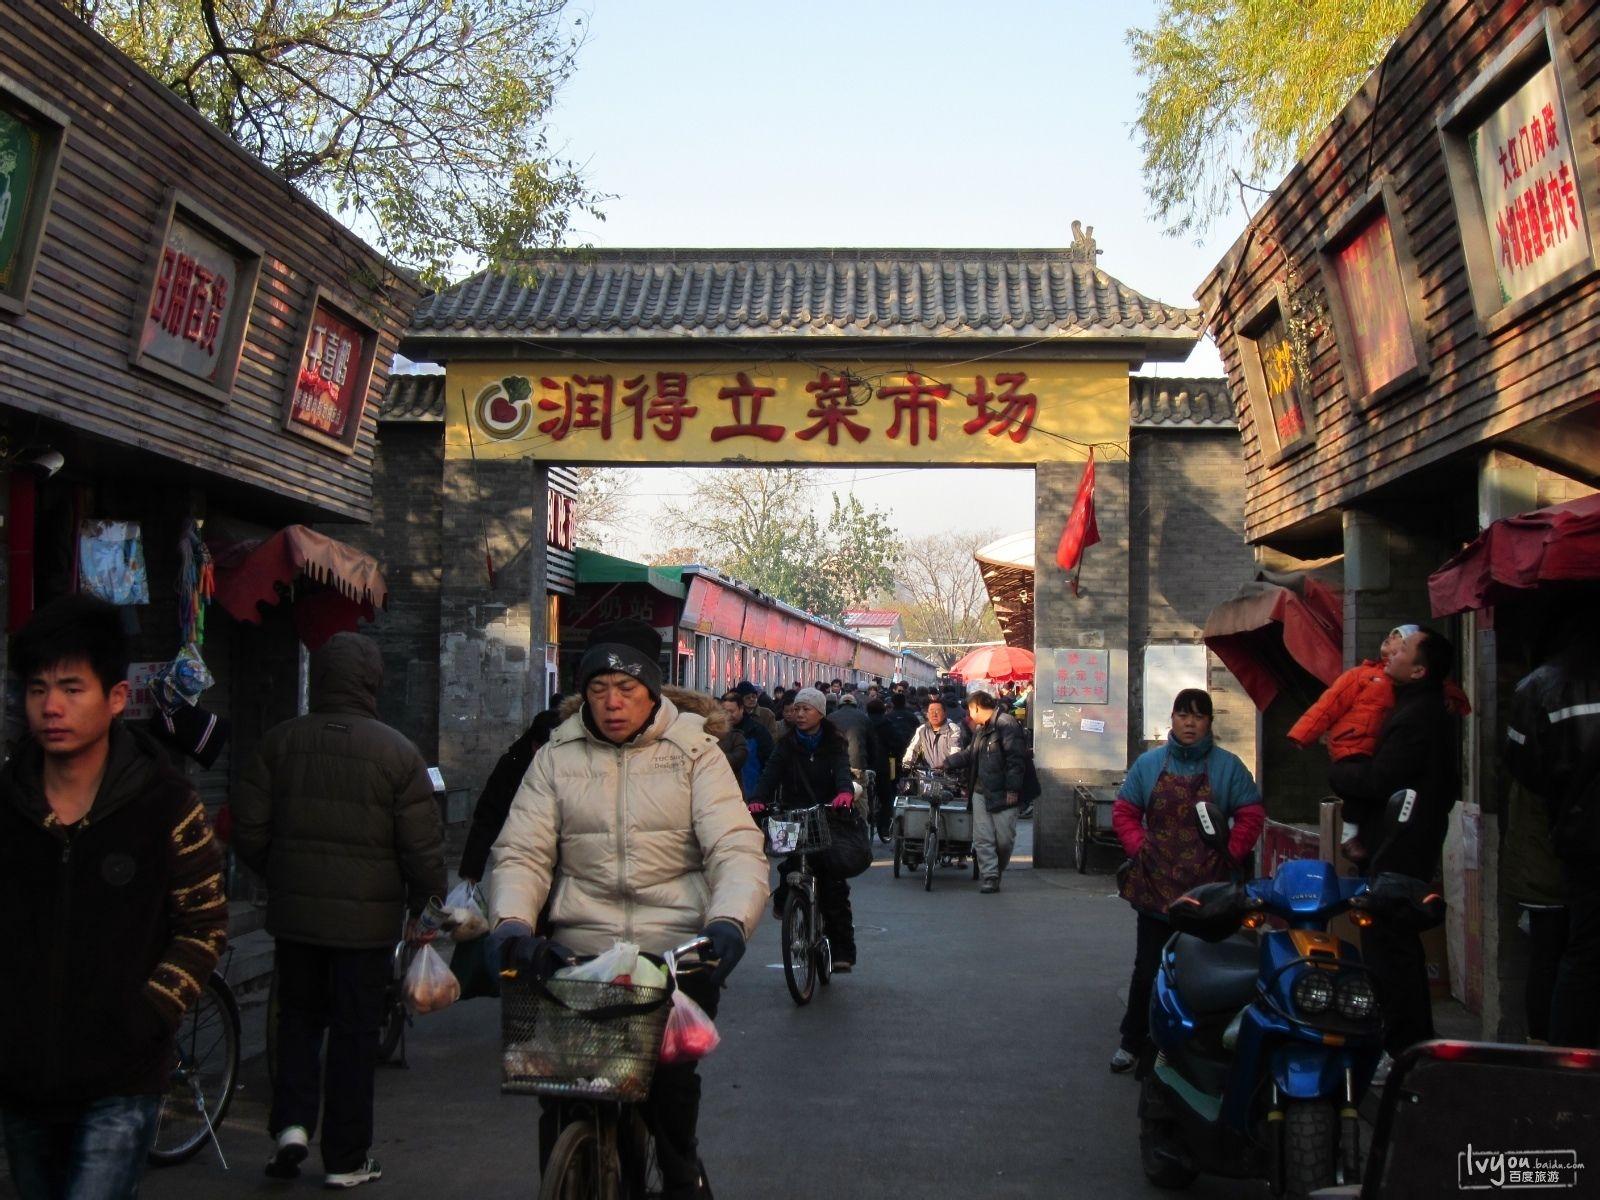 游记攻略 北京游记 两个人的北京  早上8点出发坐55路公交车到刘海图片